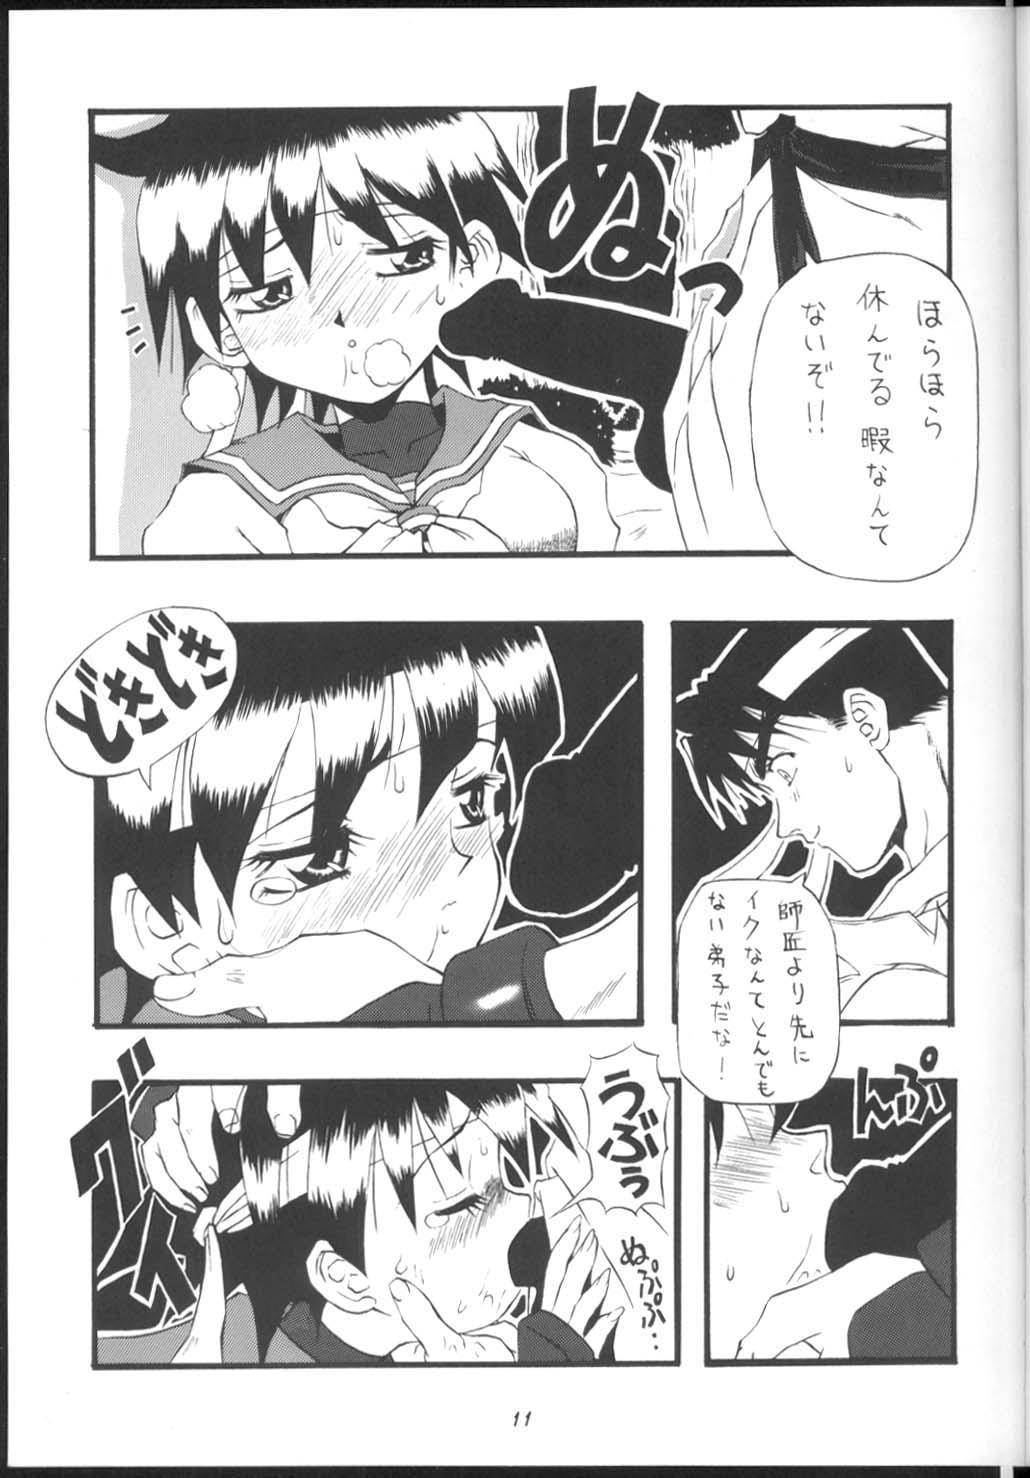 PON-MENOKO Ni Seijinban 9